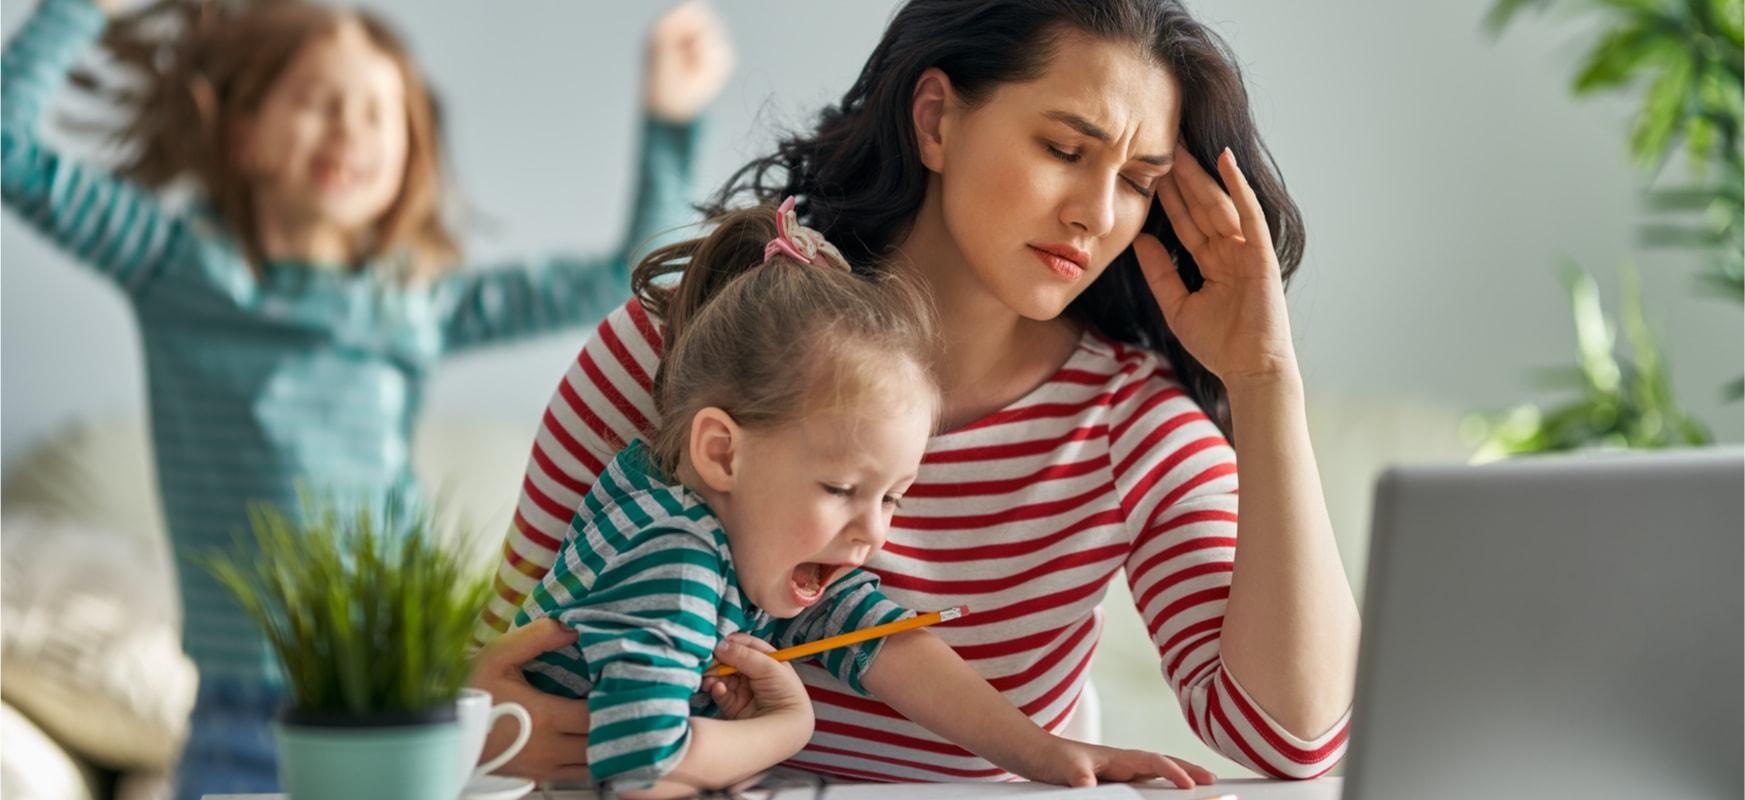 #HomeOffice: Nola lotu eta estutu zure familia etxean lan egin ahal izateko?